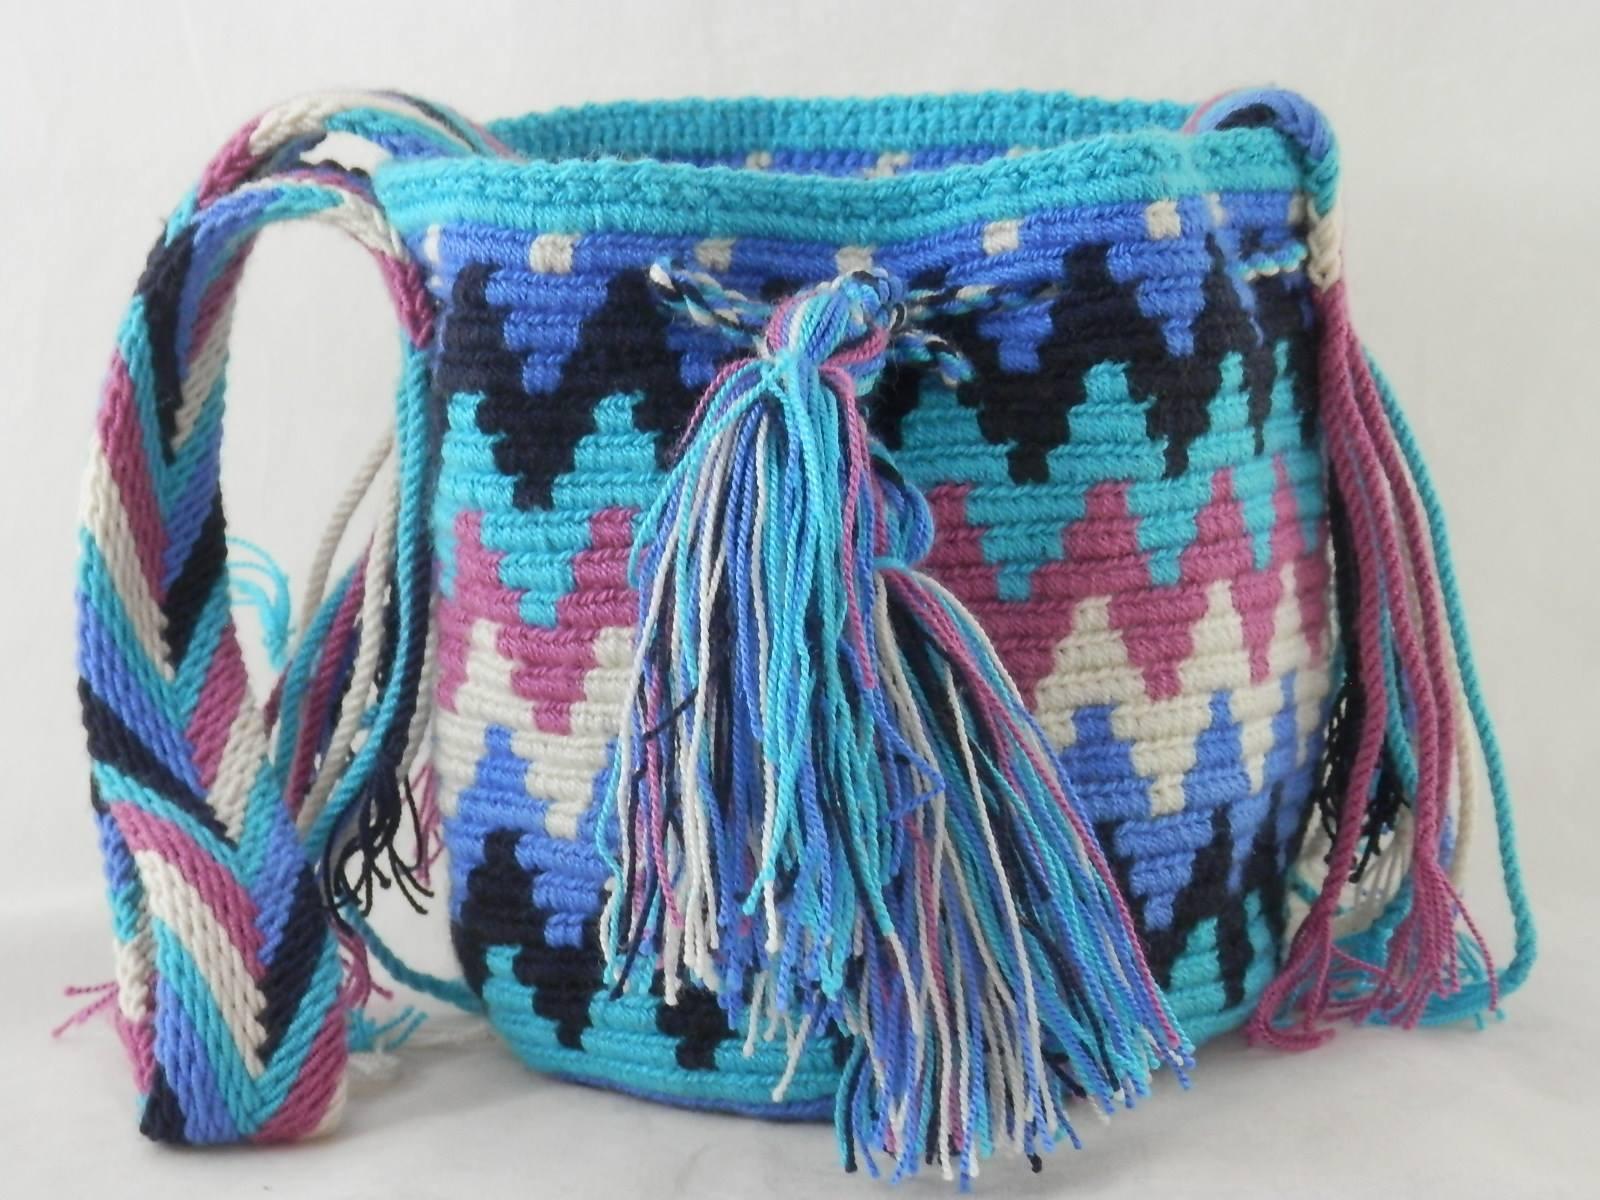 IWayuu Bag byPPS-MG_9482